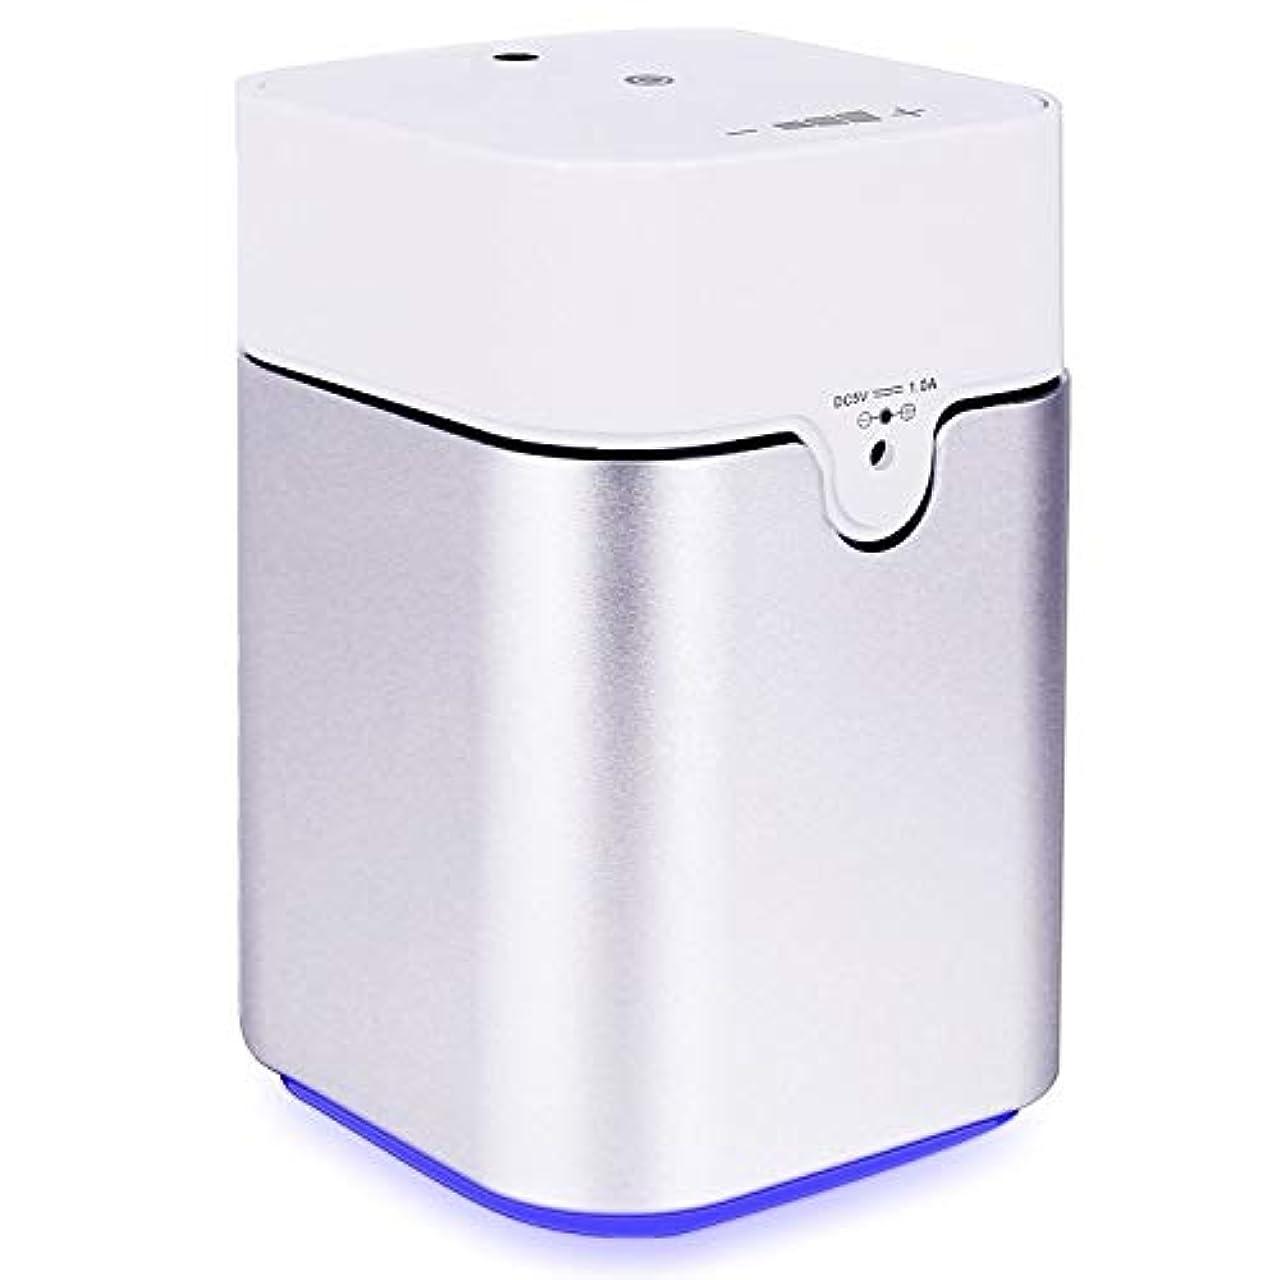 精度そよ風繁栄するENERG e's Pure アロマディフューザー ヨガ室 整体院人気 タイマー機能 ネブライザー式 量調整可能 精油瓶3個付き T11-ENS082